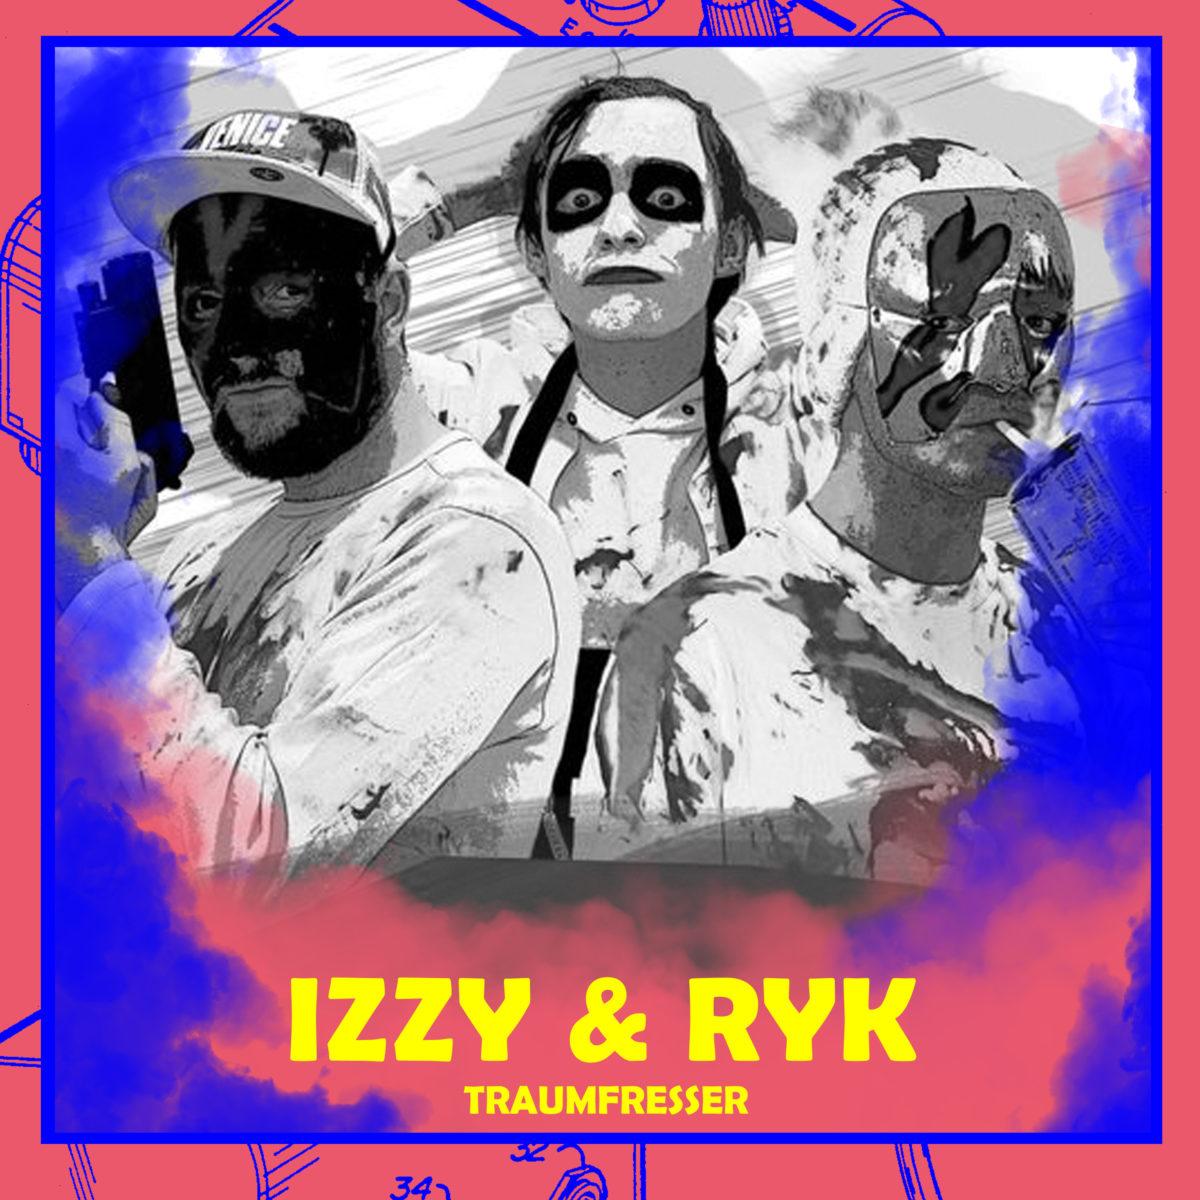 Izzy & Ryk (Traumfresser)